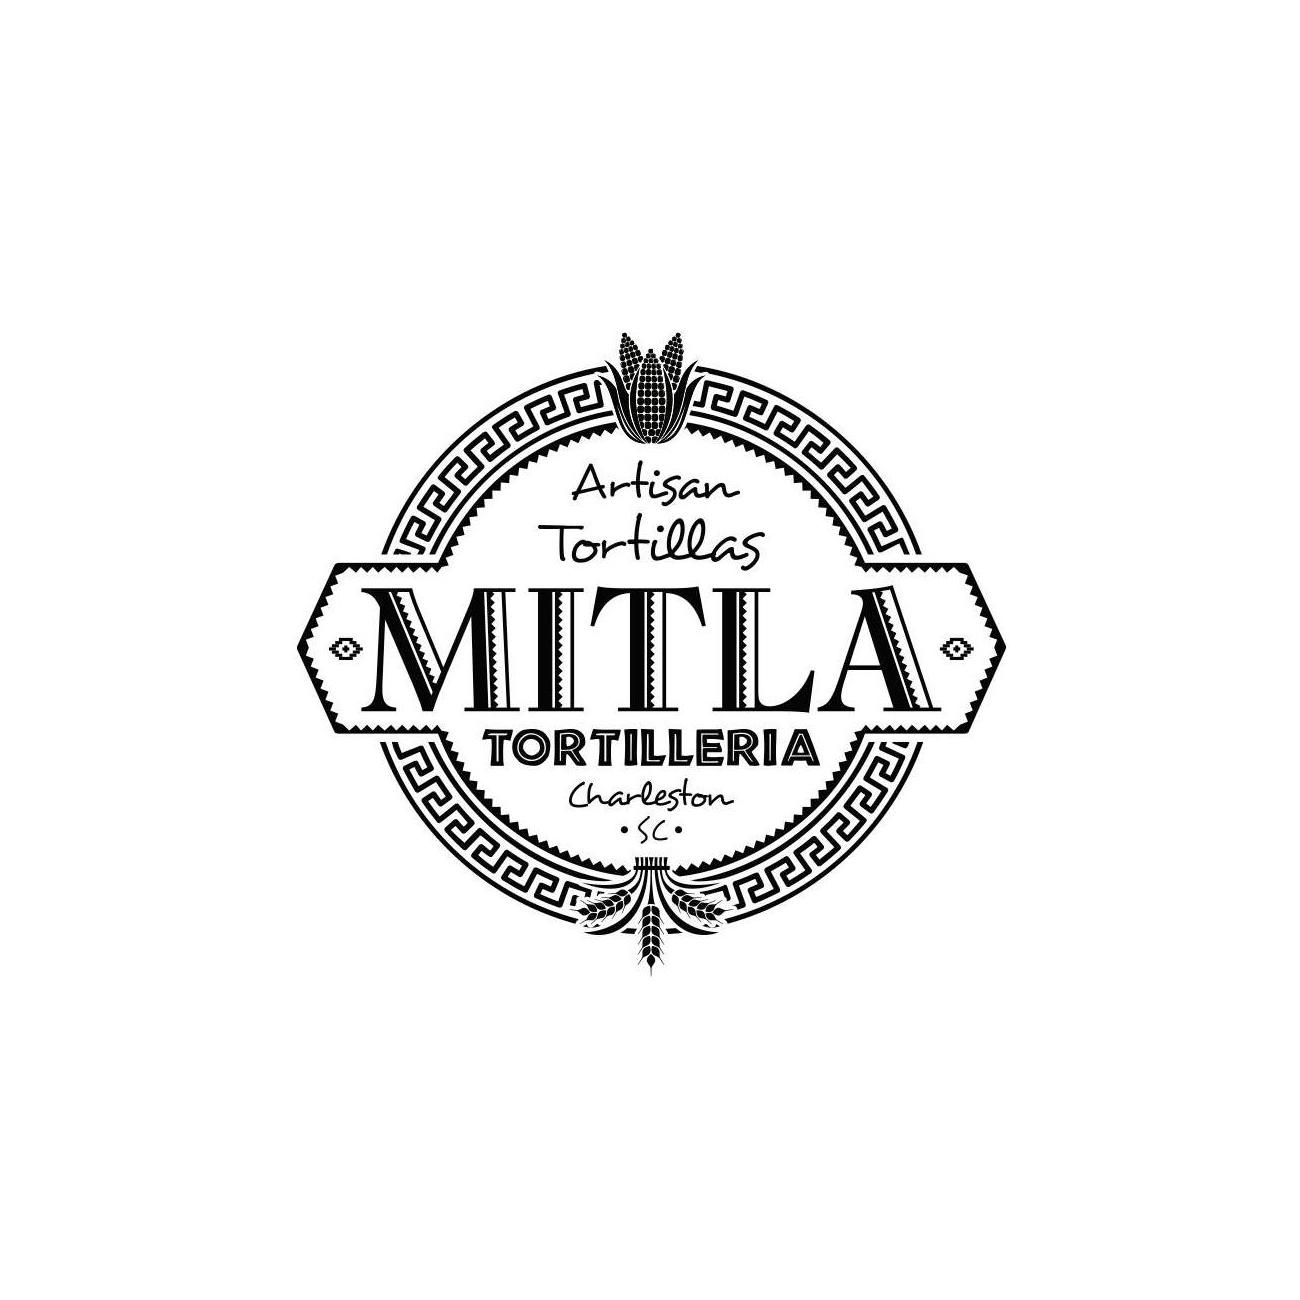 Mitla Tortilleria logo